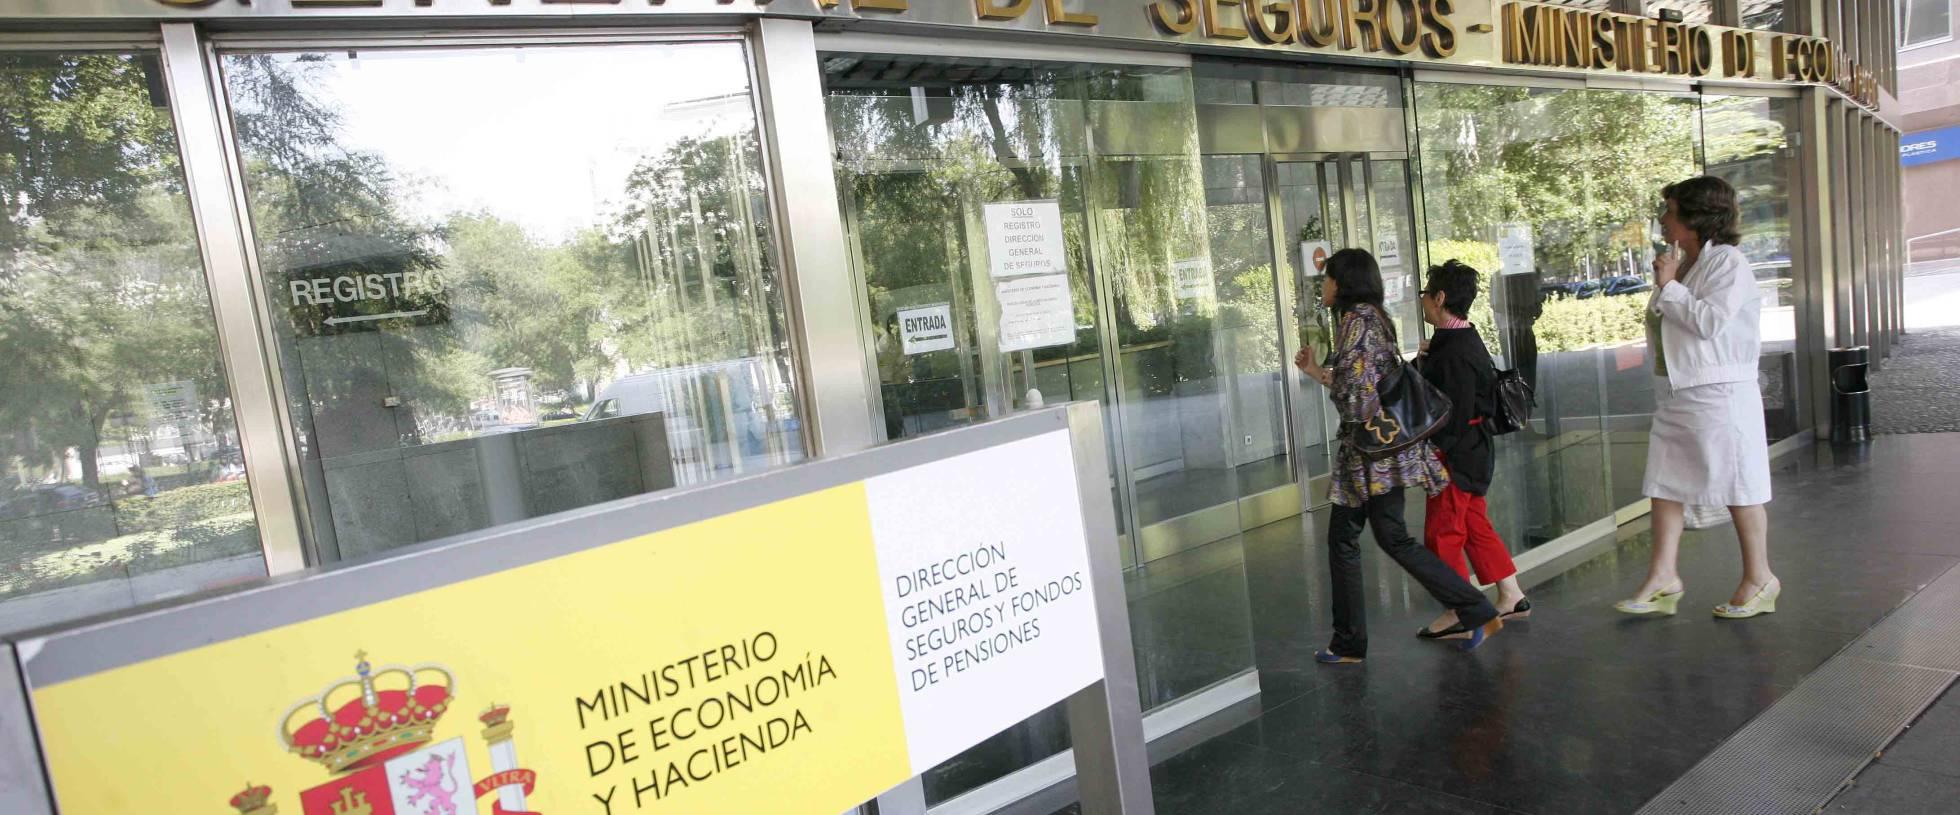 1516972310_097478_1516972473_noticia_normal_recorte1